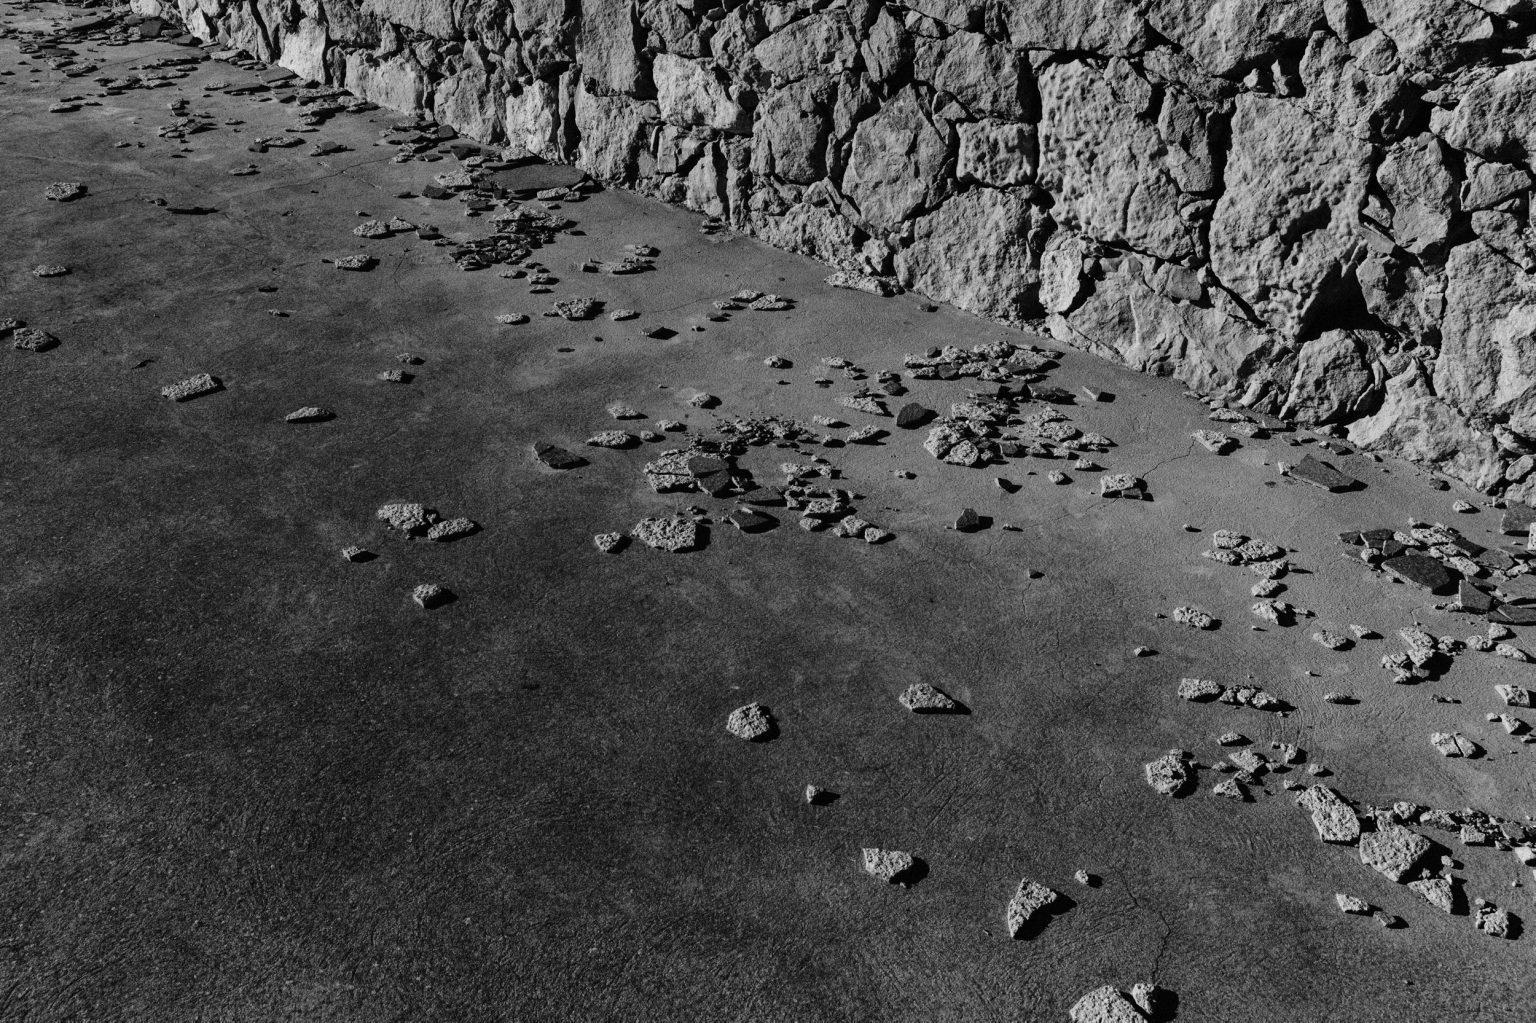 Lampedusa, February 2014-Lampedusa is the southernmost island of Italy, it is small and has only 6,300 inhabitants. Today it is one of the most important gateways to Europe.The inhabitants have been welcoming human beings in search of life for 20 years with great solidarity. They are a small community that has great respect for human dignity and, above all, has shown that peaceful coexistence can be established between human beings. Simple people, but with a soul as deep as its sea, who in the face of despair were not afraid and stretched out their hands.For this reason, the island has been nominated for the NOBEL for peace, a fair recognition for the people of Lampedusa, who have been involved for years in welcoming migrants.Migrant reception center.  Lampedusa, Febbraio 2014-Lampedusa è l'isola più a sud d'Italia, è piccola e conta solo 6.300 abitanti. Oggi è uno dei più importanti accessi all'Europa. Gli abitanti,, da 20 anni accolgono esseri umani in cerca di vita con grande solidarietà . Sono una piccola comunità che ha un grande rispetto per la dignità umana e, soprattutto,  ha dimostrato che tra essere umani si può attuare una convivenza pacifica. Persone semplici, ma con un animo profondo come il suo mare, che di fronte alla disperazione non hanno avuto paura ed hanno teso le  mani. Per questo, l'isola, è stata candidata al NOBEL per la pace, un giusto riconoscimento per la gente di Lampedusa, impegnata da anni nell'accoglienza di migranti. Il centro accoglienza migranti.